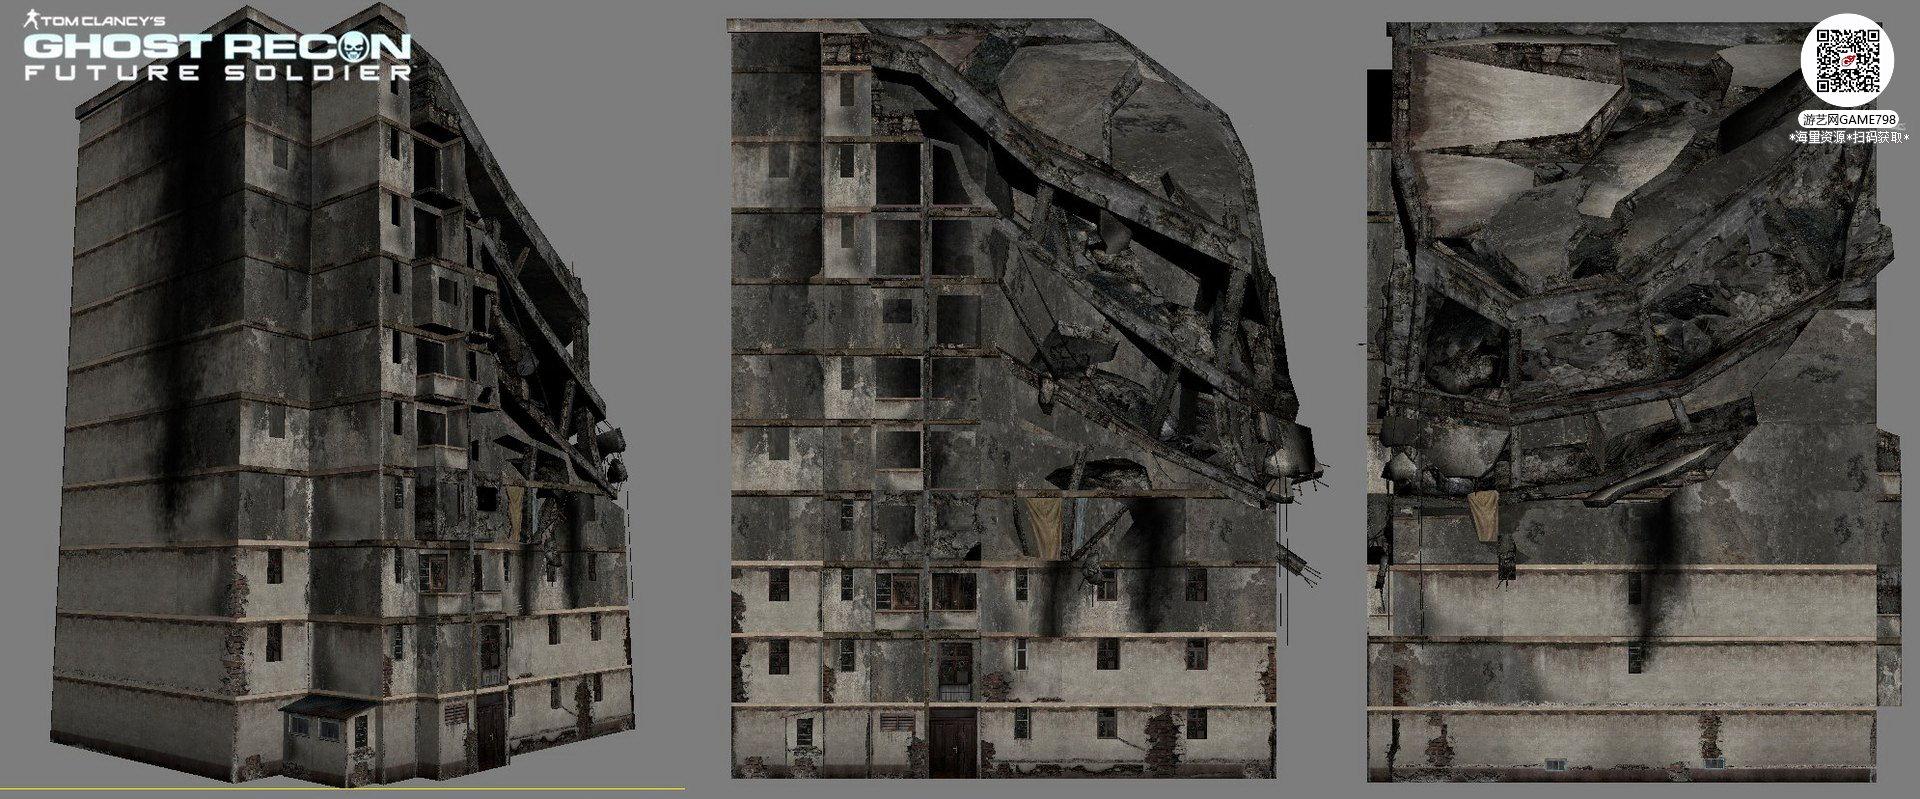 045_关注游艺网公众号获海量资源_幽灵行动未来战士次世代游戏3D模型参考原画概念设定.jpg